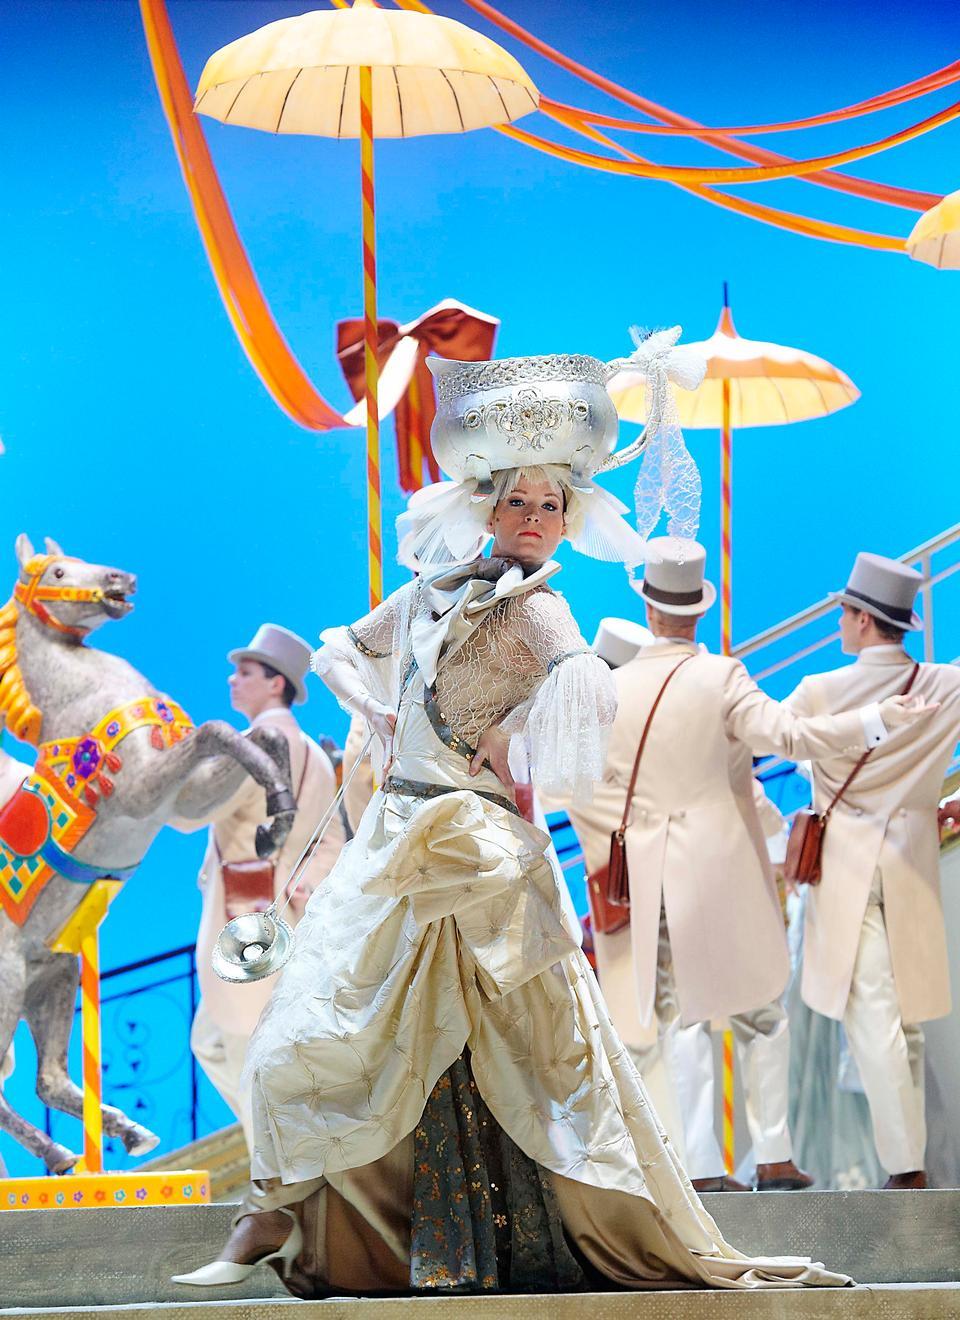 Ny aftale: Blå blok får i 11. time sat stopper for masser af musicals på Det Kongelige Teater